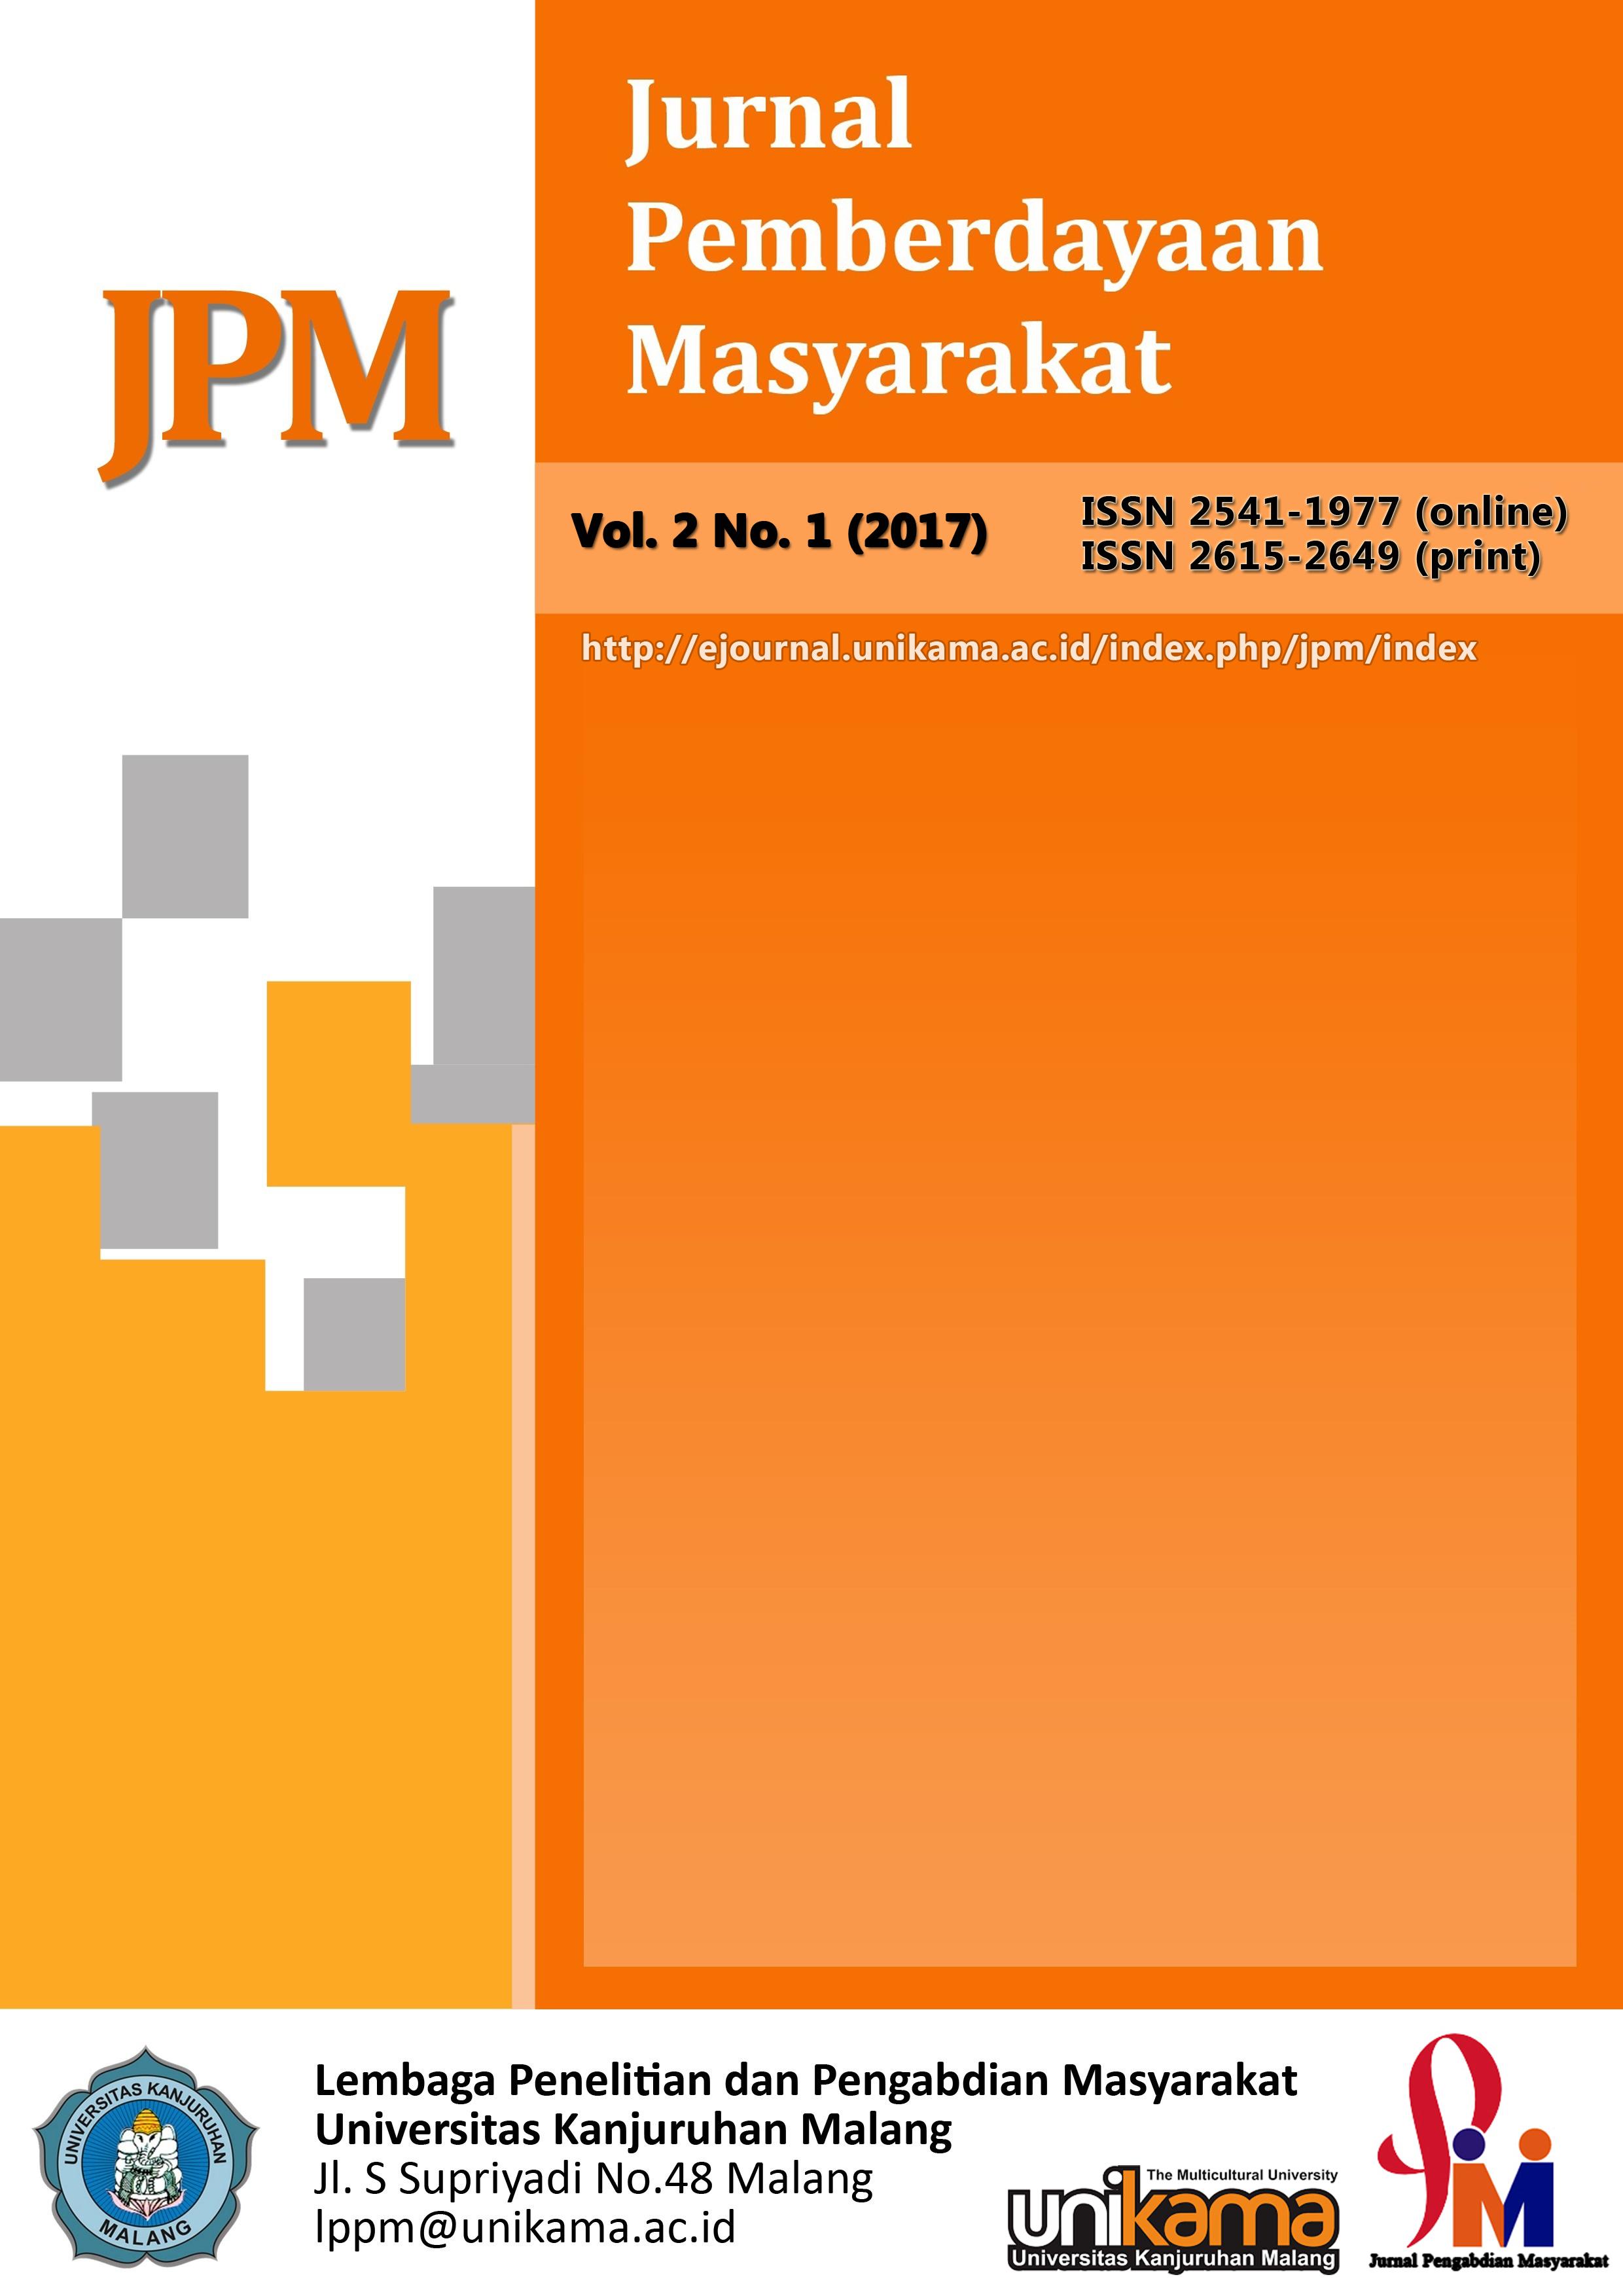 JPM (Jurnal Pemberdayaan Masyarak) UNIKAMA